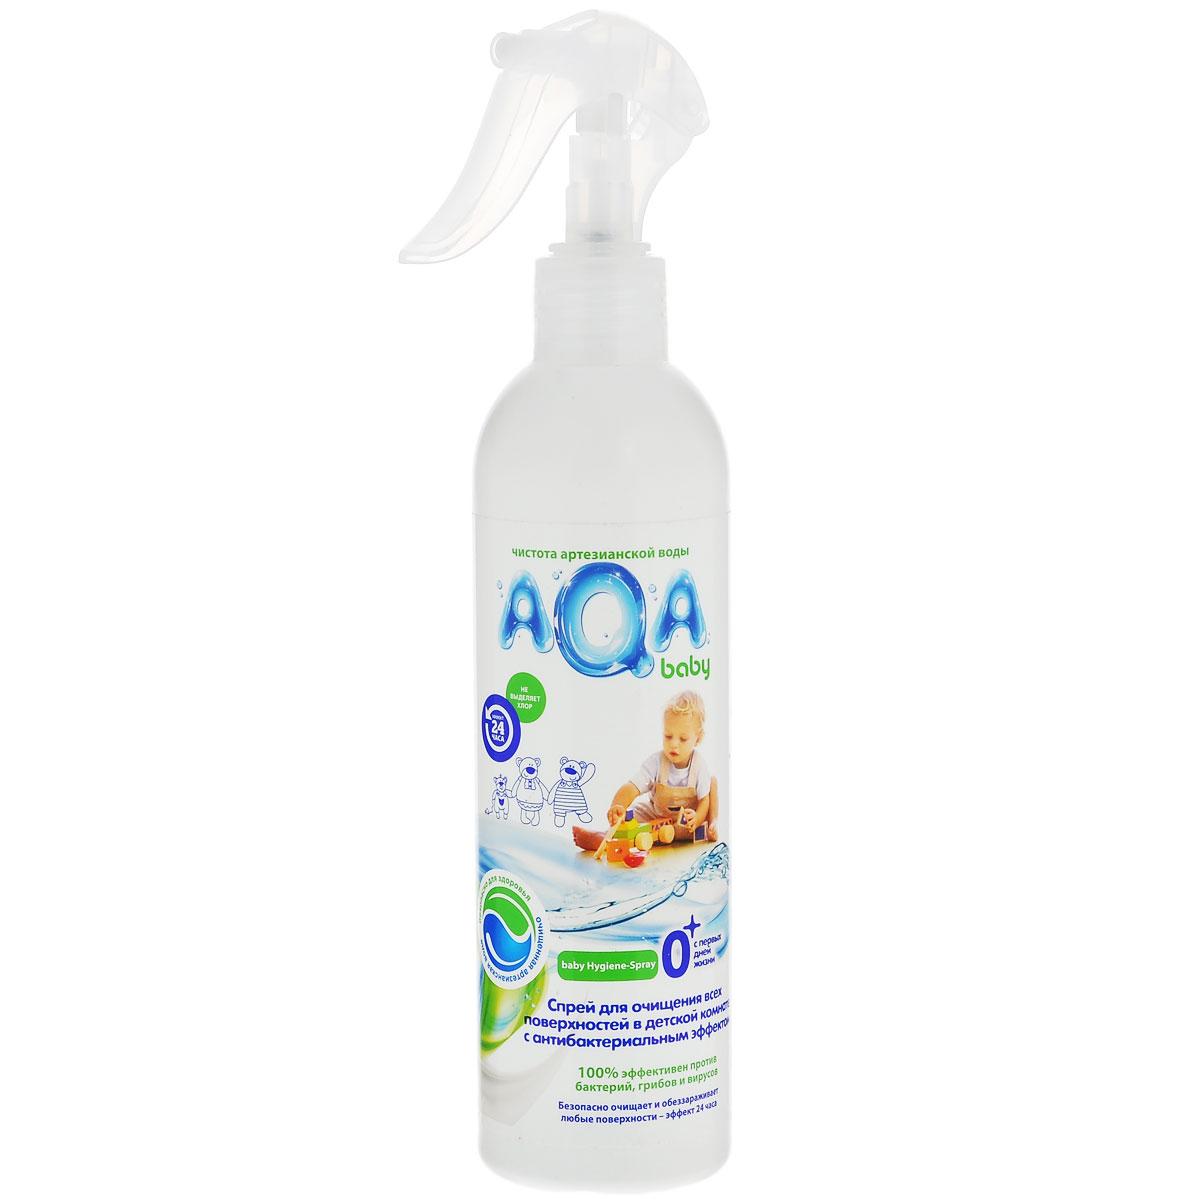 AQA Baby Антибактериальный спрей для очищения всех поверхностей в детской комнате, 300 мл009521AQA Baby антибактериальный спрей для очищения всех поверхностей в детской комнате. Инновация в области безопасных средств для уборки в детской комнате: очищает и обеззараживает любые поверхности в детской комнате, предметы, в том числе детские игрушки, горшки и т.д., устраняет неприятные запахи, разрушая их, а не маскируя,без хлора, красителей и оптических осветлителей. Безопасно для малыша и мамы, домашних питомцев и окружающей среды: не остается на поверхностяхна основе возобновляемого природного сырьяне нужно смывать водойЭффективность подтверждена тестами в соответствии со стандартом США AATCC 100-1998. Эффект 24 часа: Бактерицидный: удаляет вредные бактерии (эффективен как против грам-положительных, так и грам-отрицательных бактерий) Антибактериальный: блокирует рост и размножение микроорганизмов (в том числе грибов) Используется AQA Baby антибактериальный спрей для протирания игрушек, стульчиков/столиков для кормления, горшков или туалетных сидений, а также любой детской мебели и прочих предметов. Не оказывает разрушающего влияния на обрабатываемые поверхности. Не сушит кожу рук.Состав: >30% вода, <5%неионогенное ПАВ, <5% анионное ПАВ, солюбилизатор, консервант, отдушка. Дезинфицирующее вещество: <5% годроксидихлордифениловый эфир.